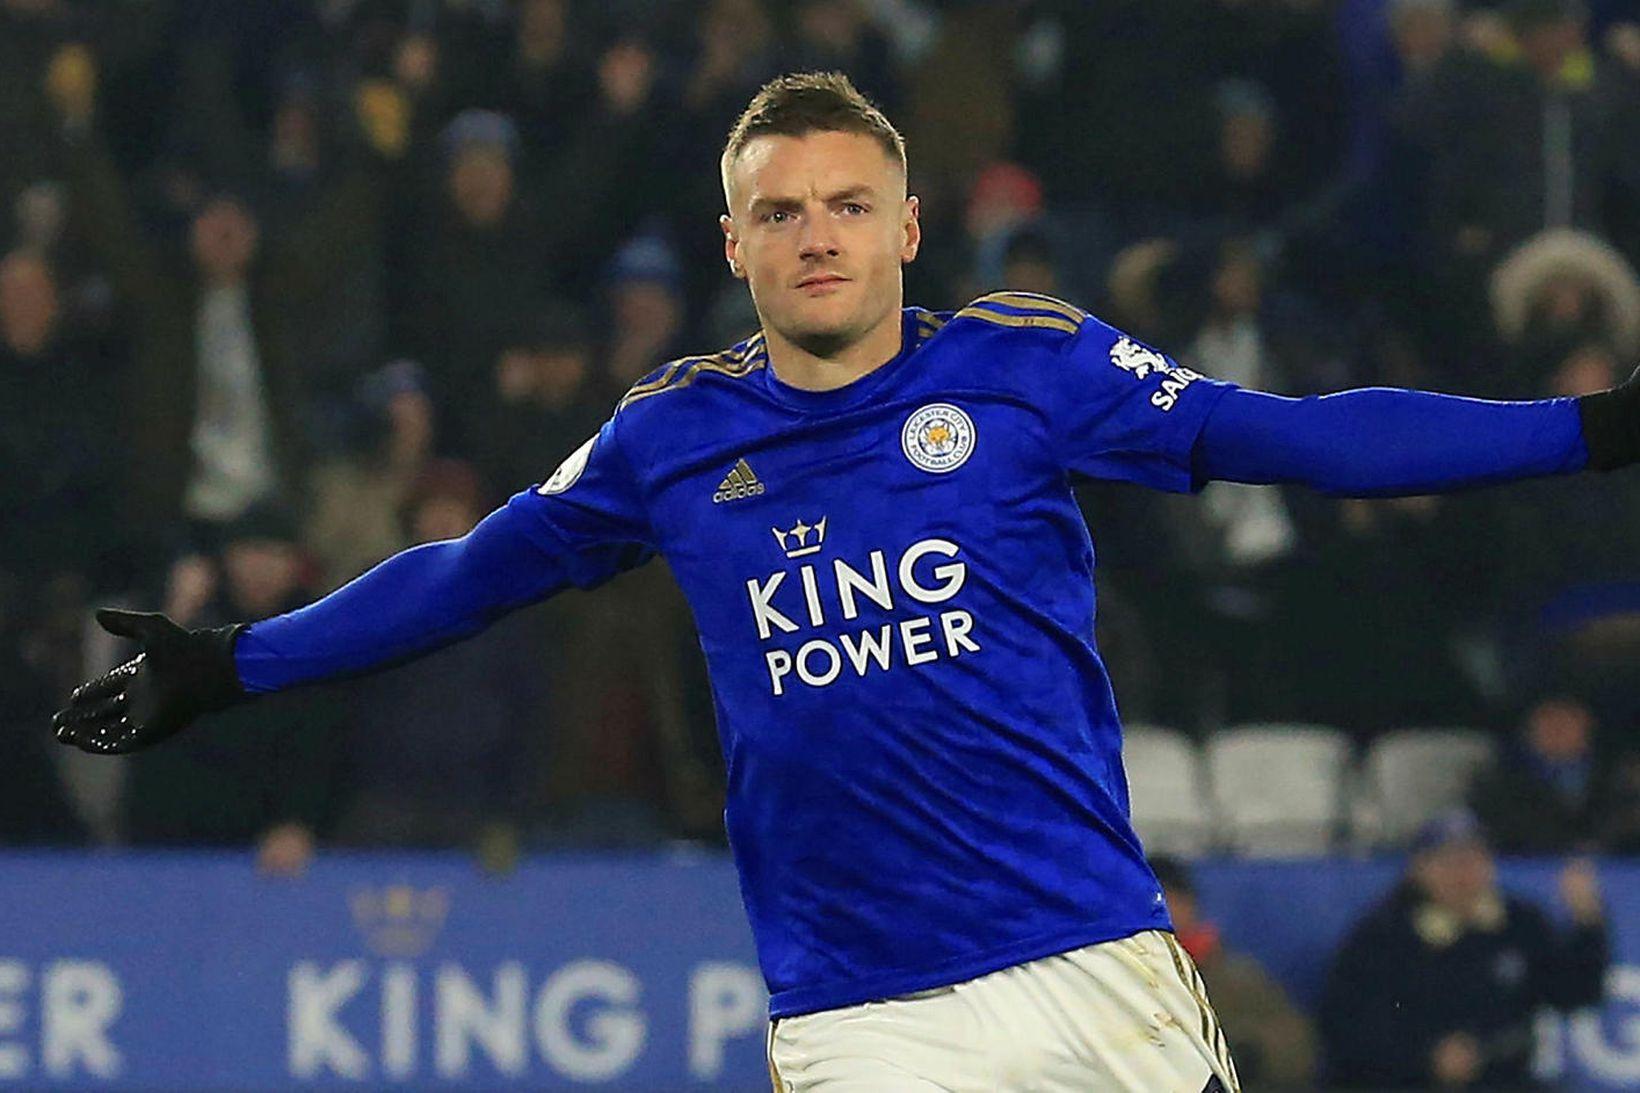 Jamie Vardy hefur verið gríðarlega drjúgur fyrir Leicester það sem …